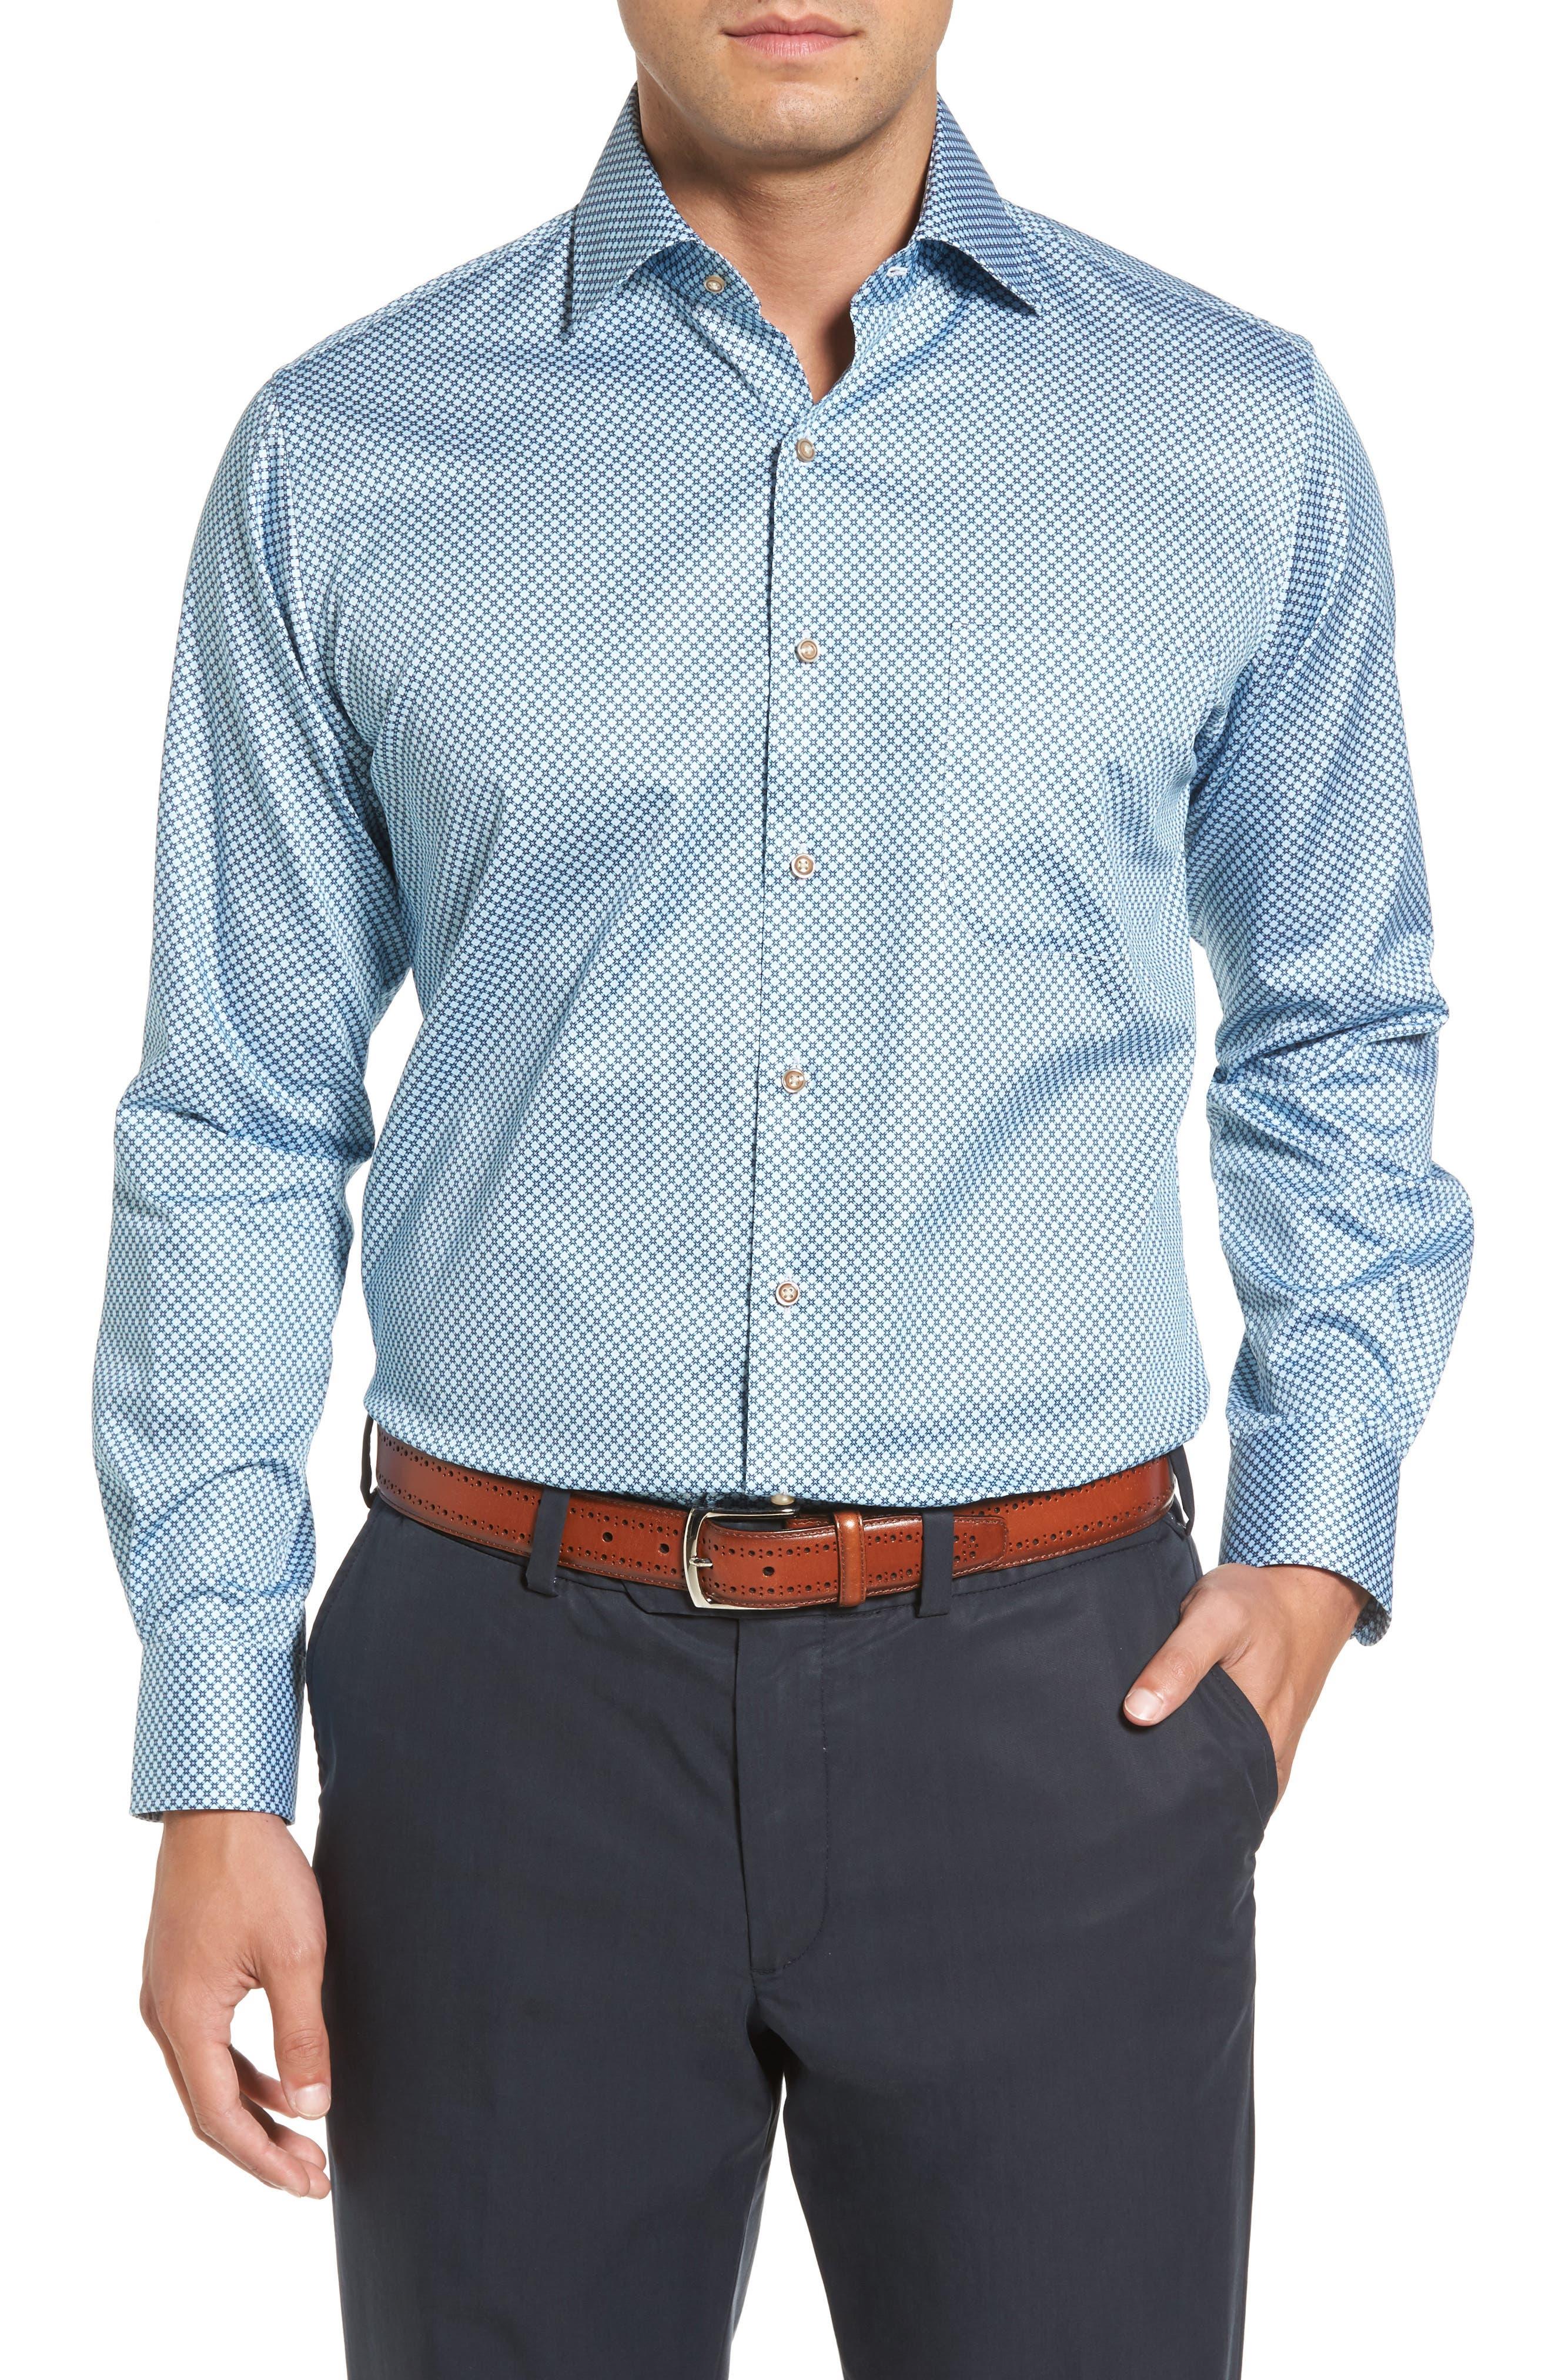 Pandora's Box Regular Fit Sport Shirt,                             Main thumbnail 1, color,                             437